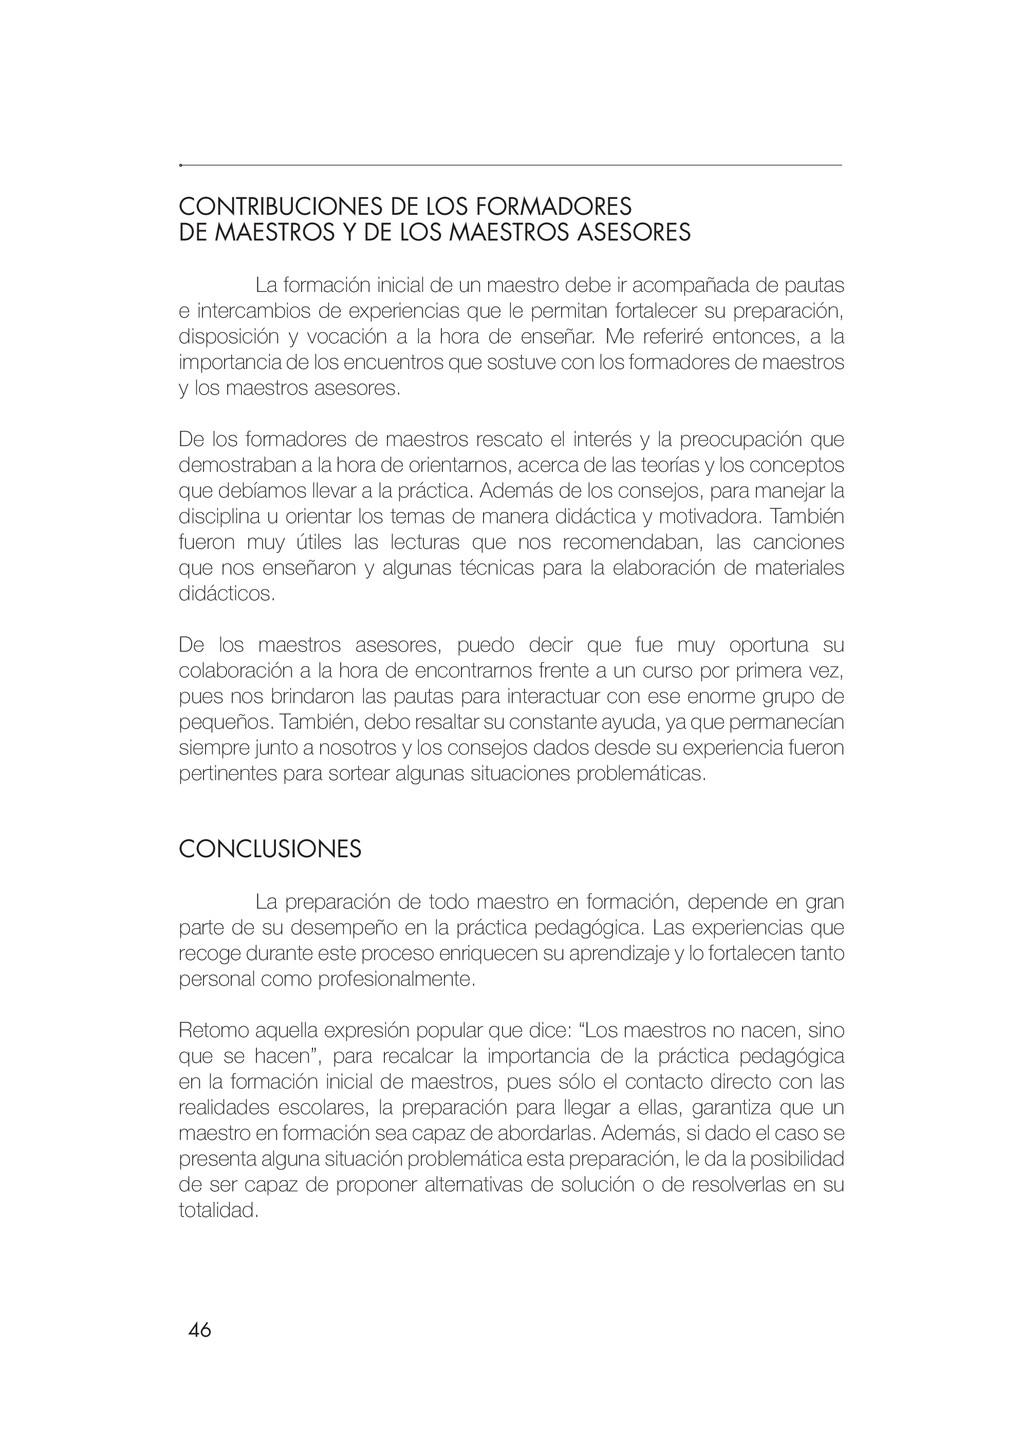 46 CONTRIBUCIONES DE LOS FORMADORES DE MAESTROS...